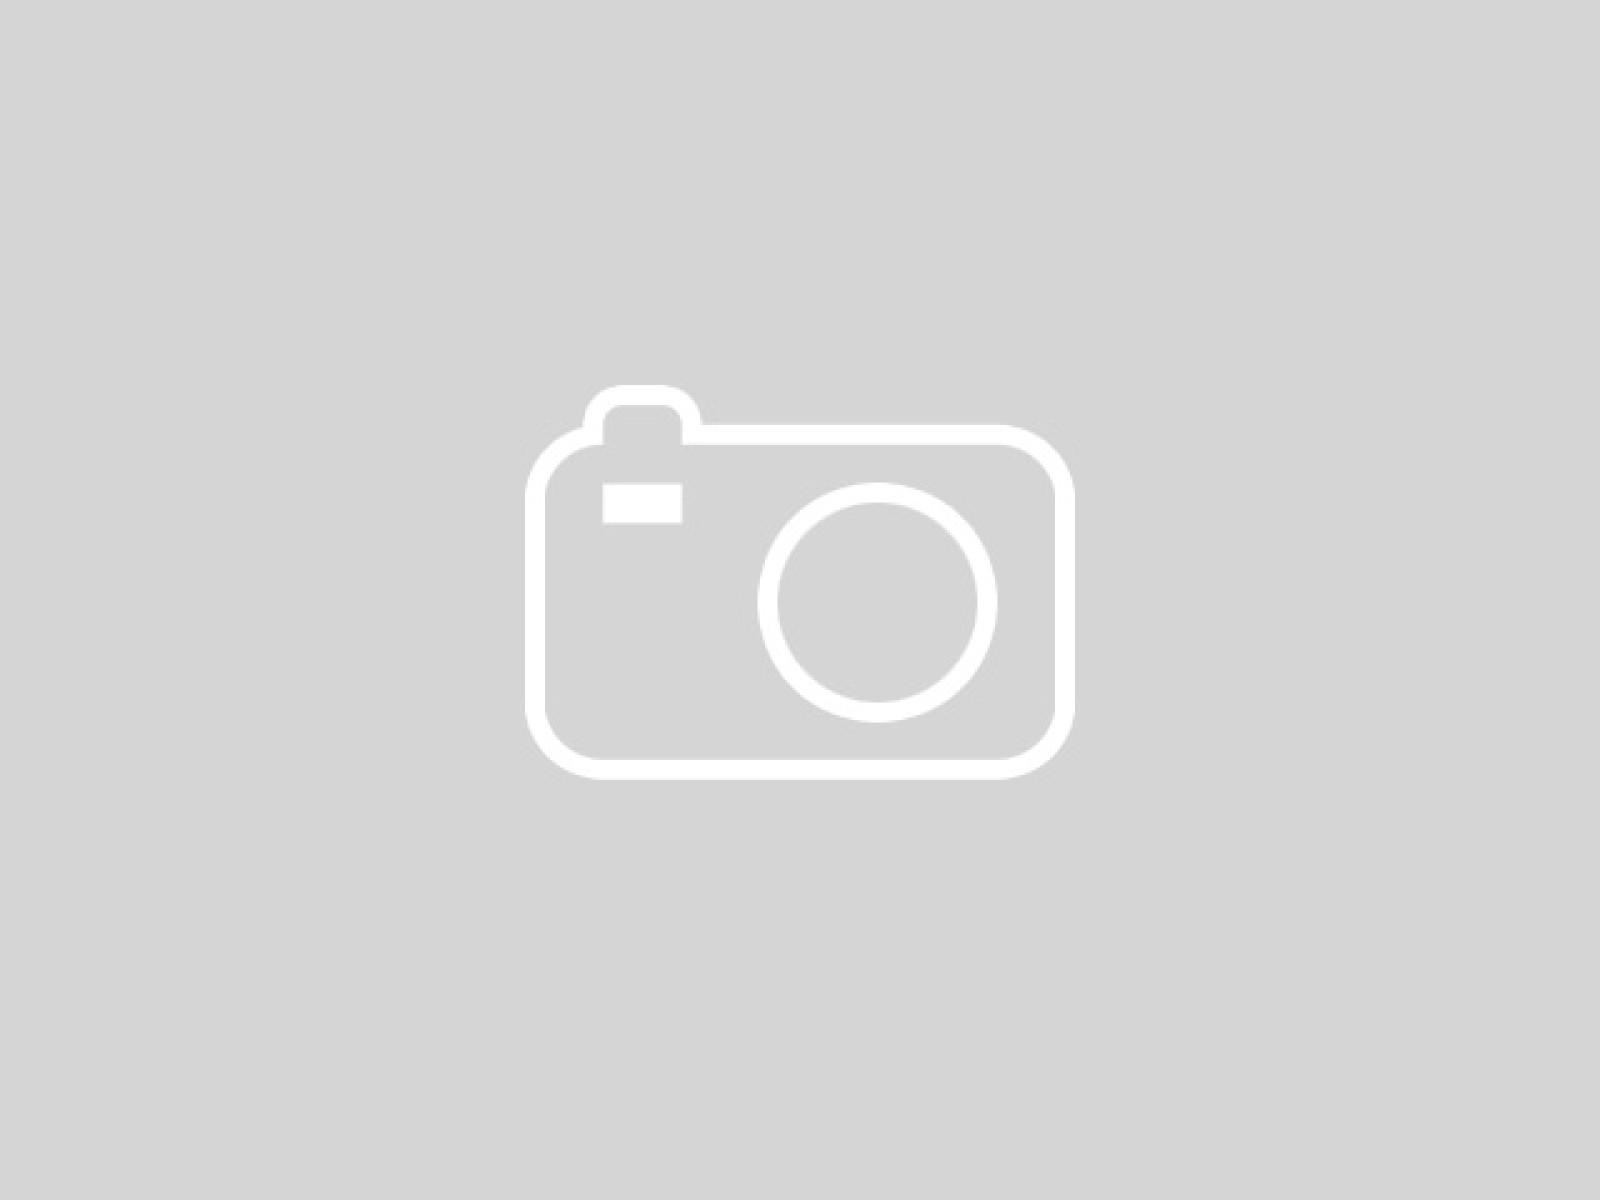 New 2022 Hyundai Kona Preferred